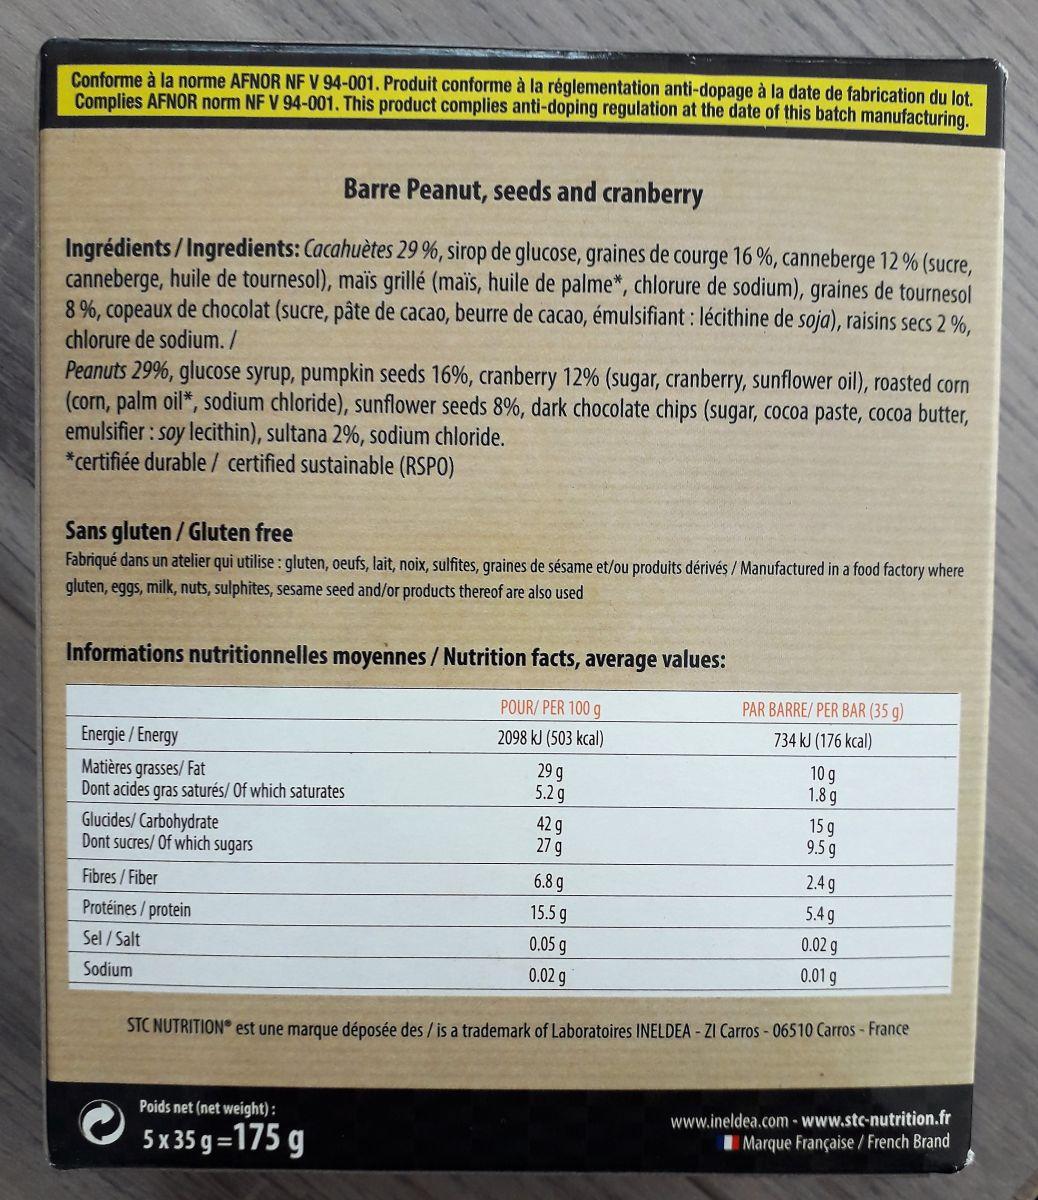 Stc nutrition barre vegan composition